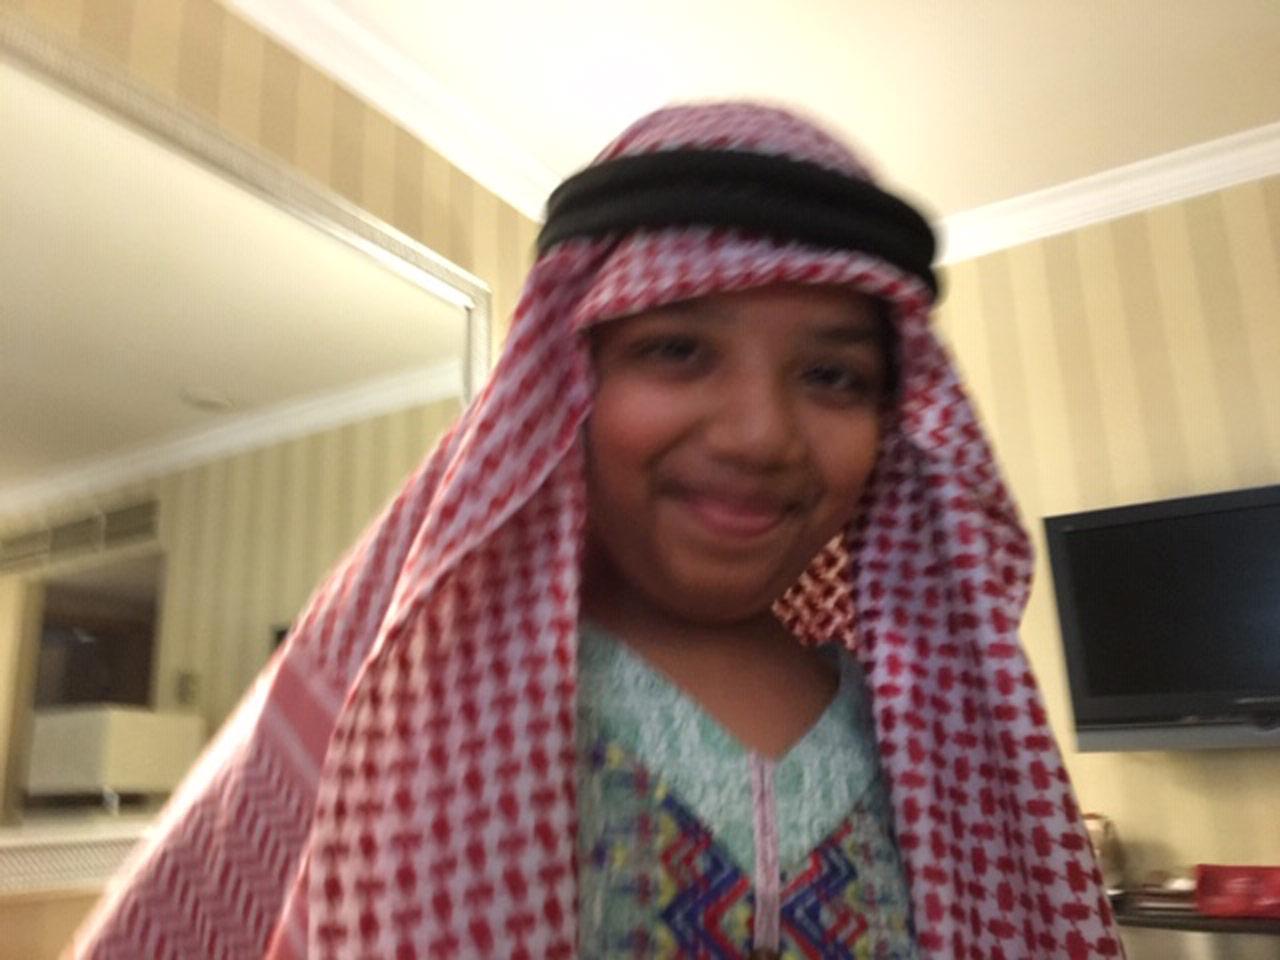 Zoya Imran in Saudi outfit